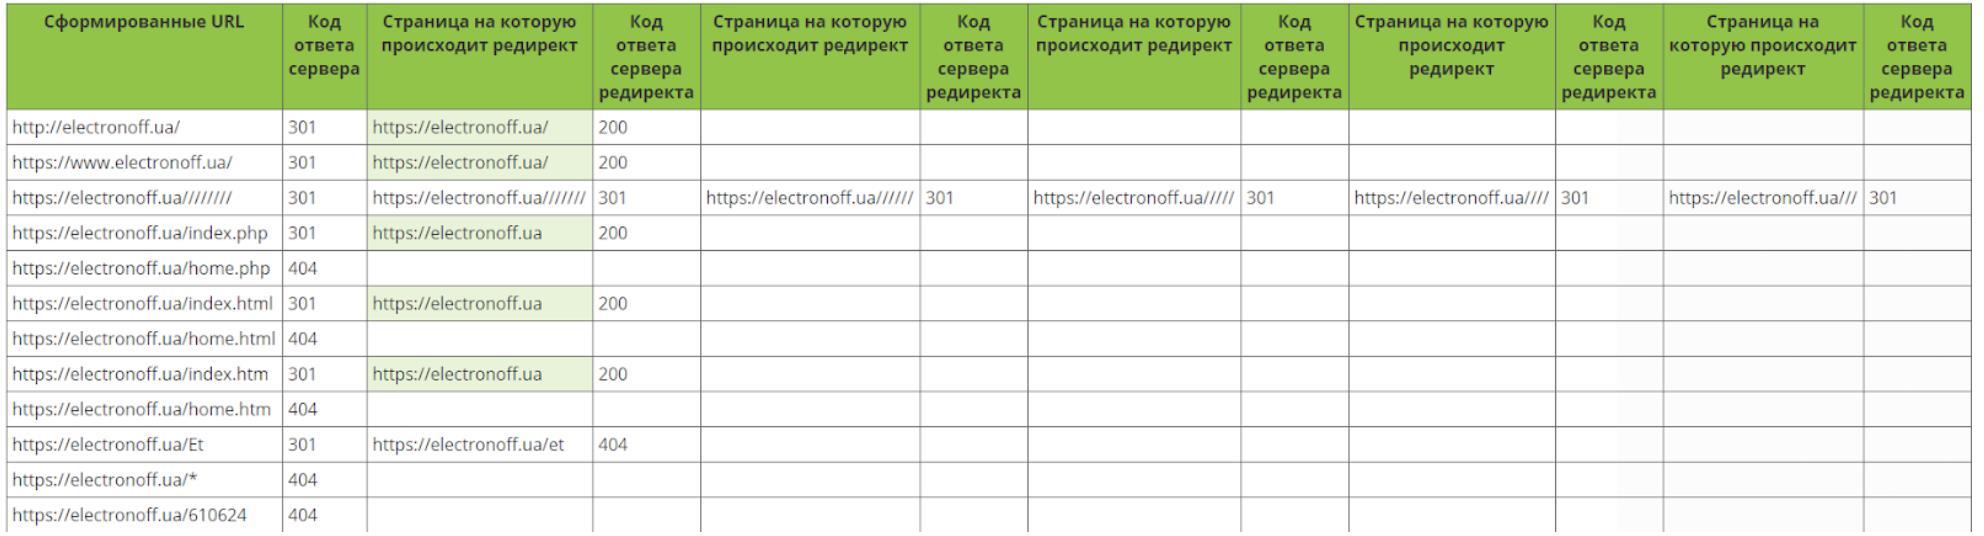 дублирующиеся страницы и битые ссылки на сайте electronoff